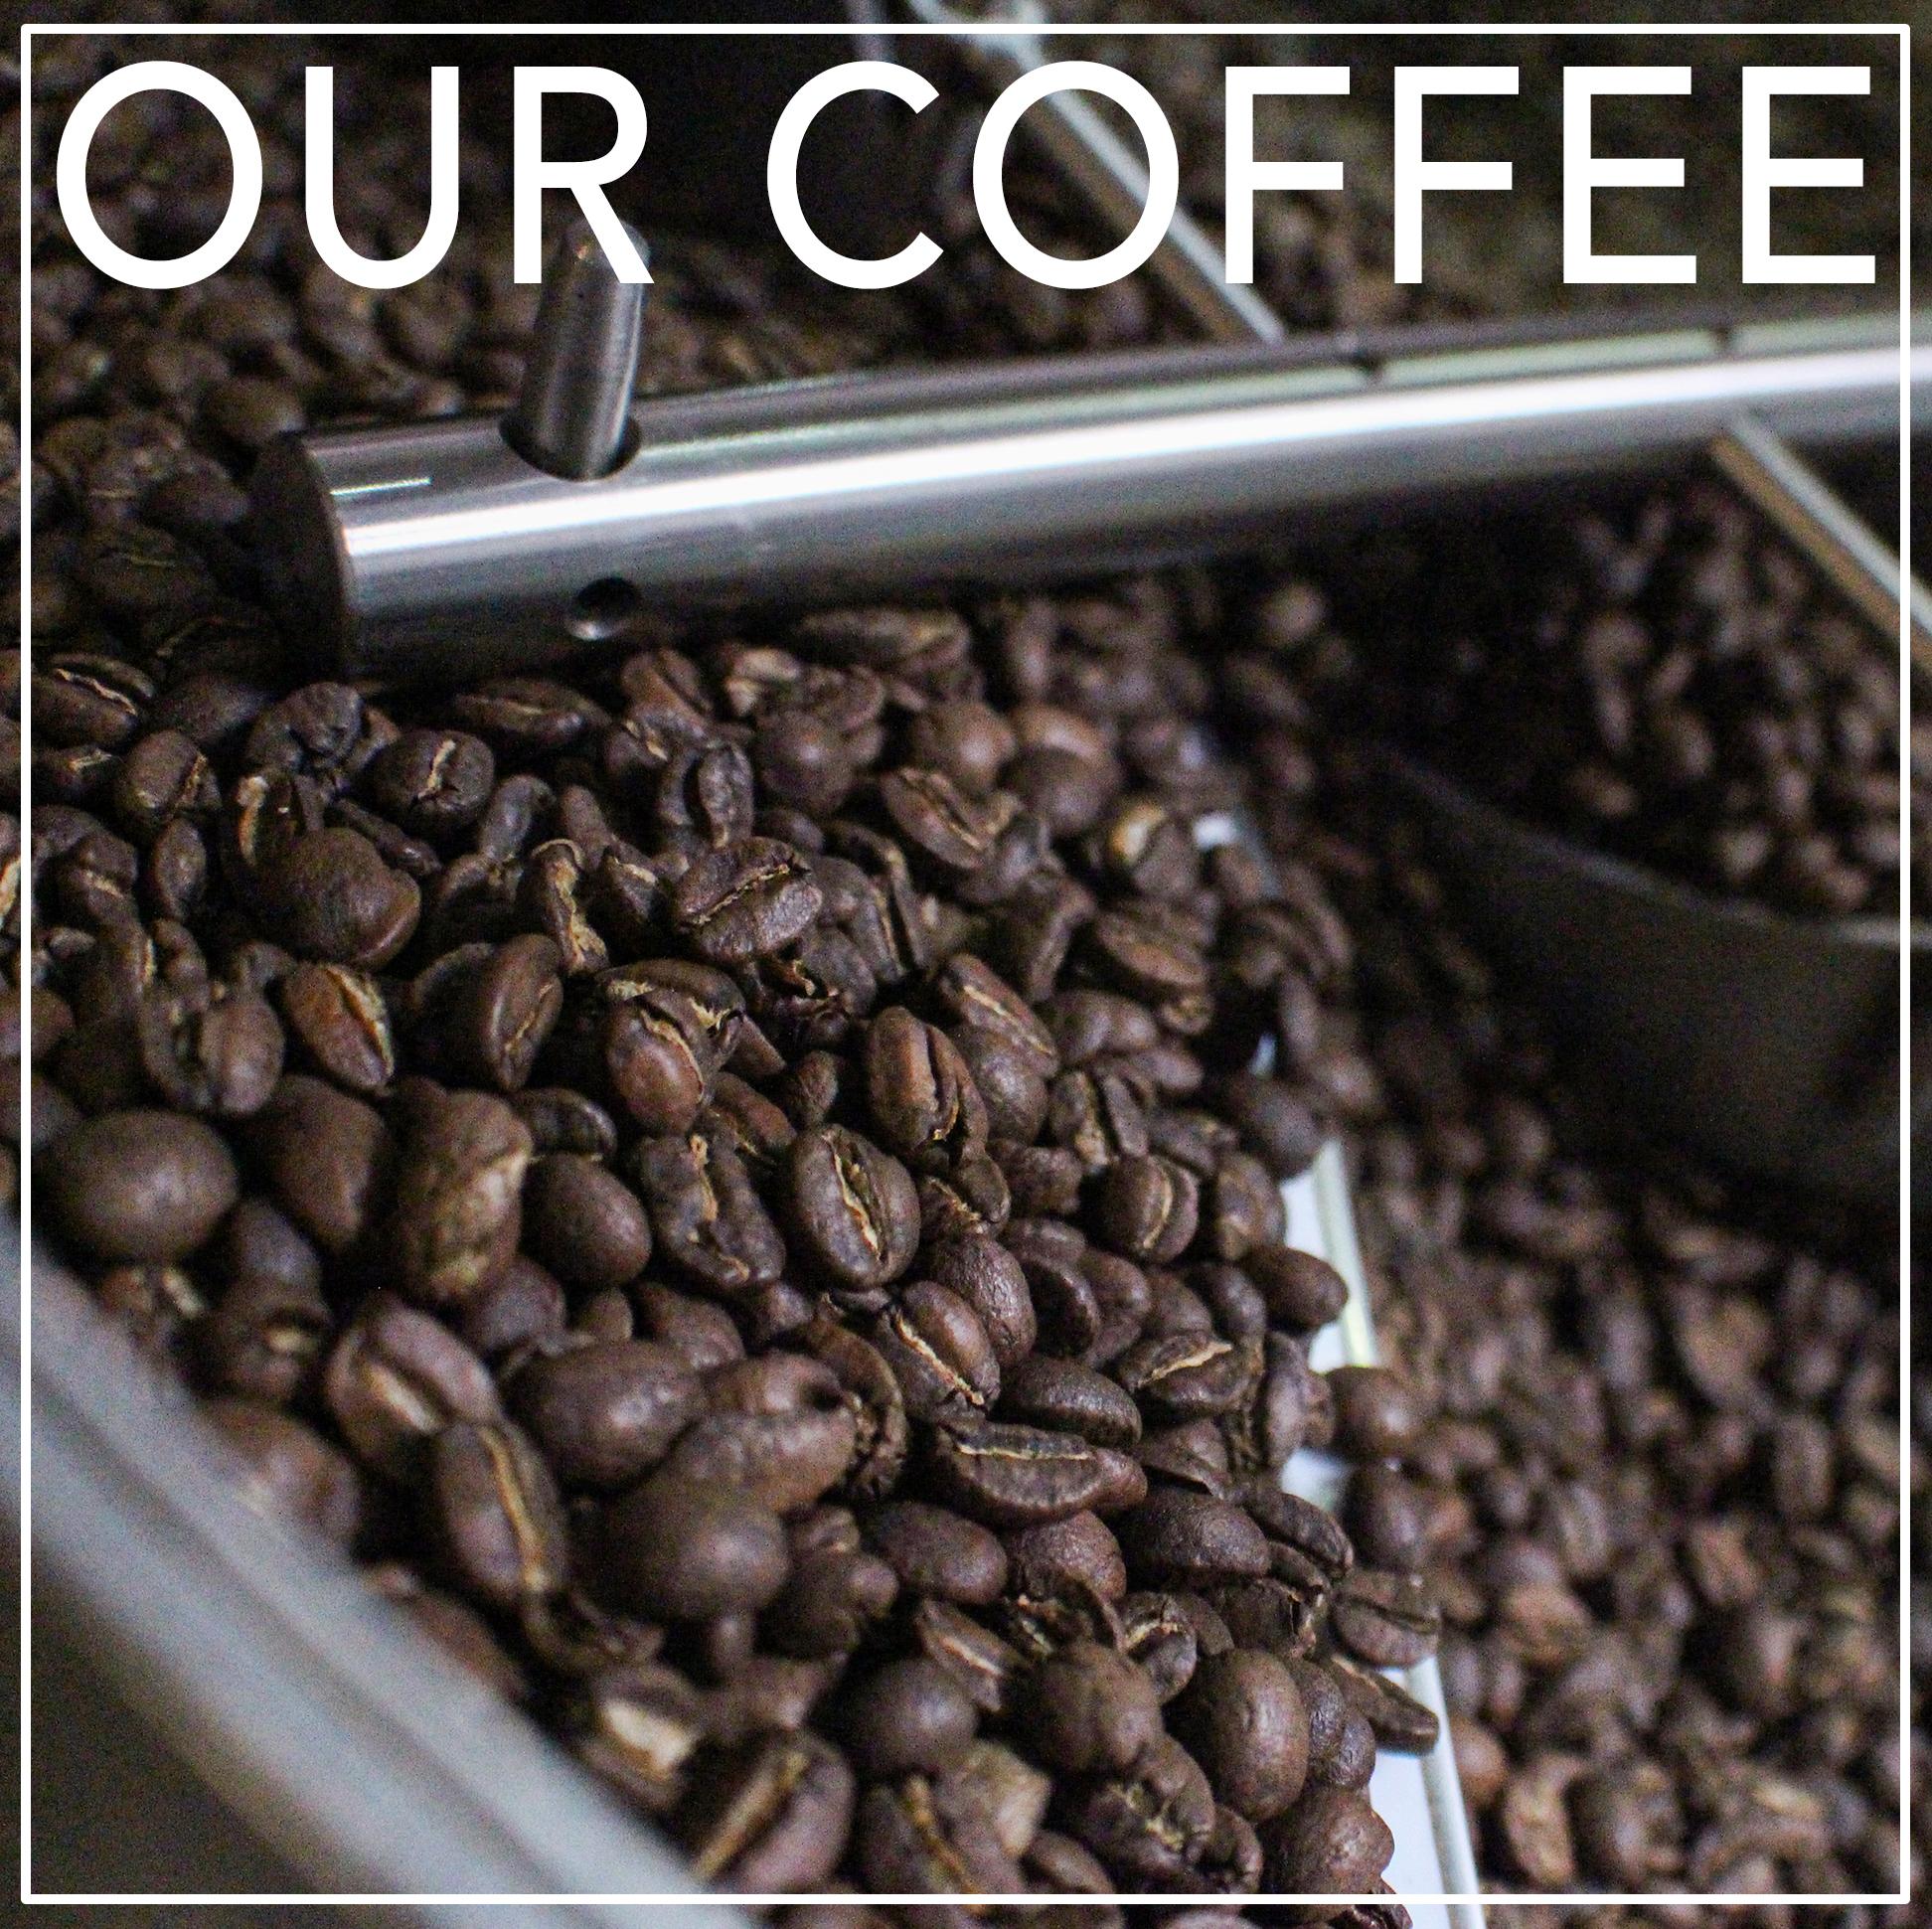 ourcoffeebanner.jpg